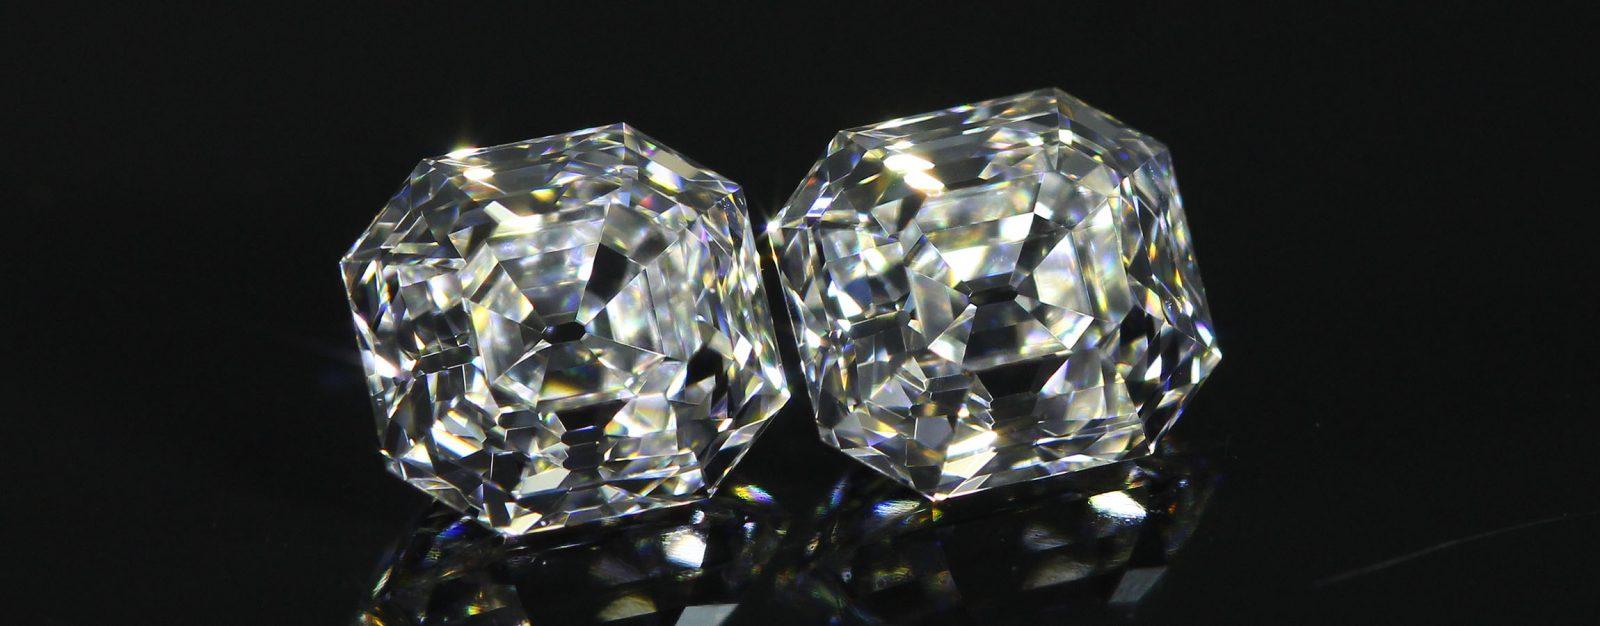 Pair of slightly elongated Asscher Cut Diamonds